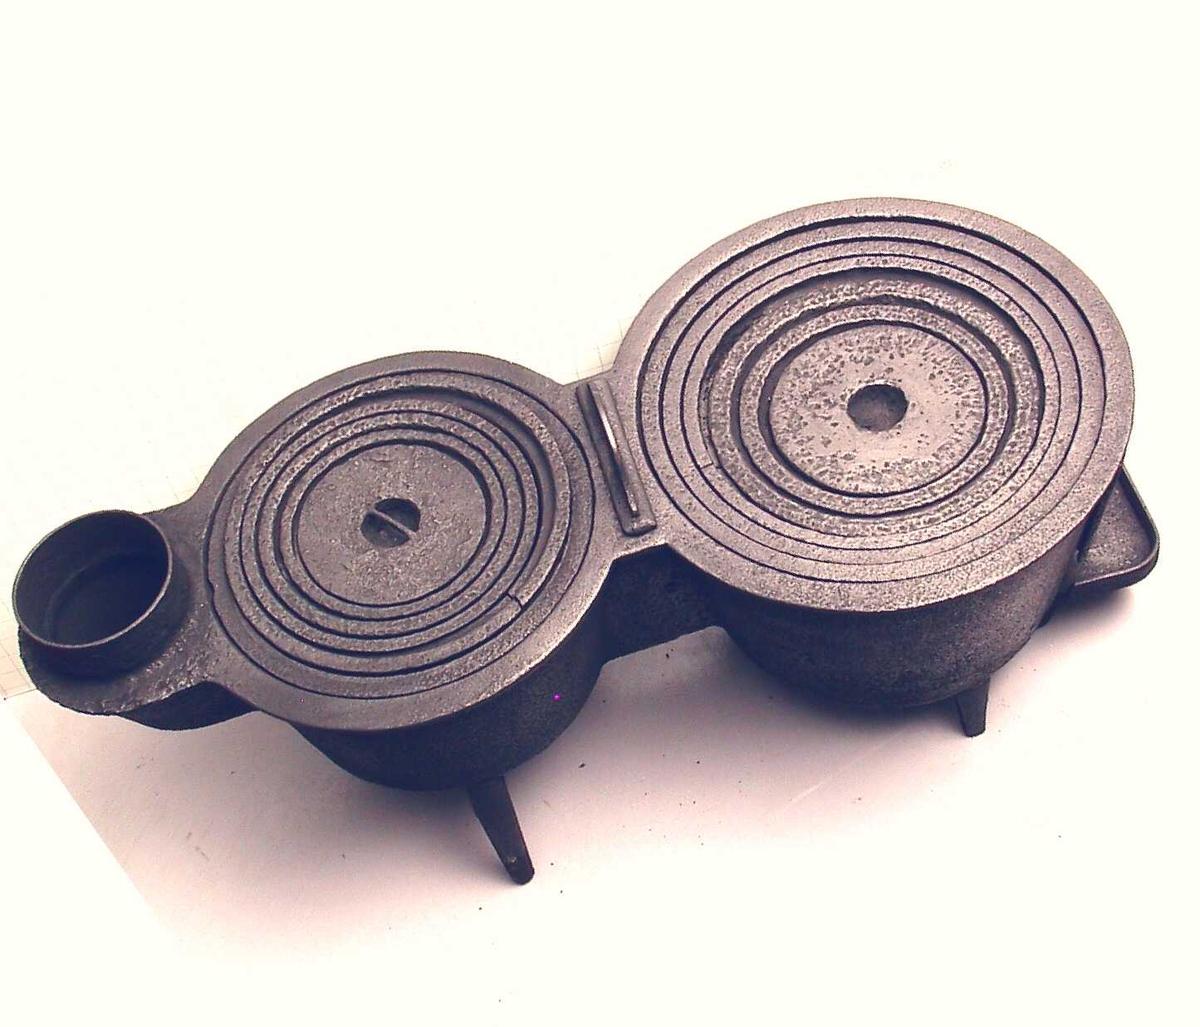 Kokeovn. dobbelt grytehull, på fiolinformet ovnsplate.  Støpejern.  Stemplet på ileggsdør.  2 kokegryter bak hverandre.  gryteformen tydelig. den største foran.  4  ben.  Trekkregulator med handtak mellom de to gryter.